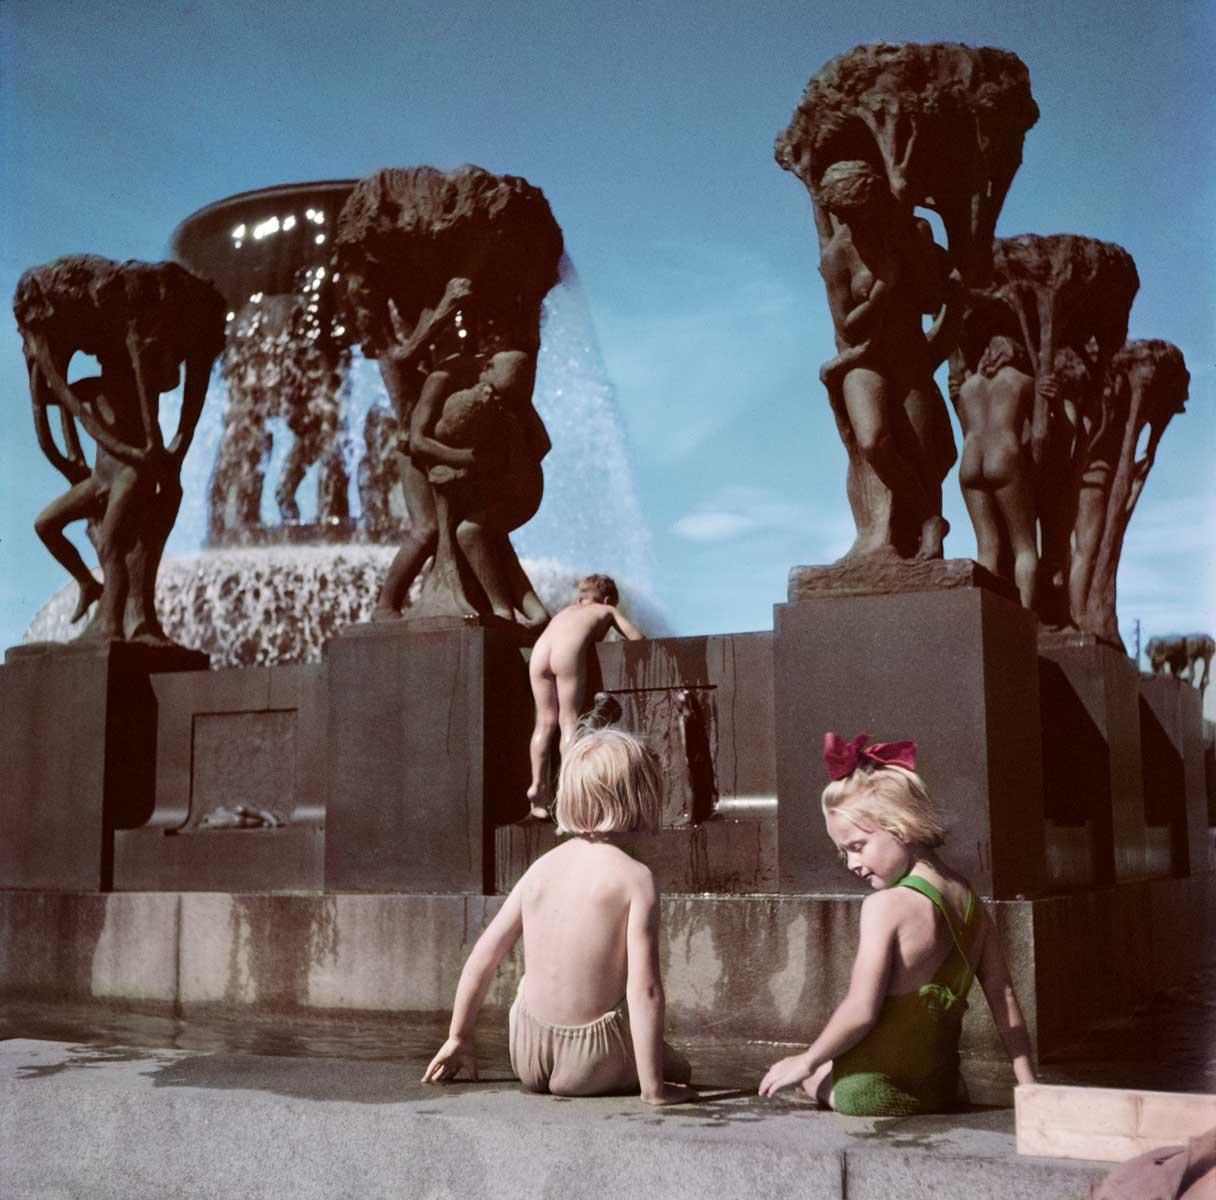 Children play in the Gustav Vieglund Sculpture Park, Oslo, Norway, 1951.